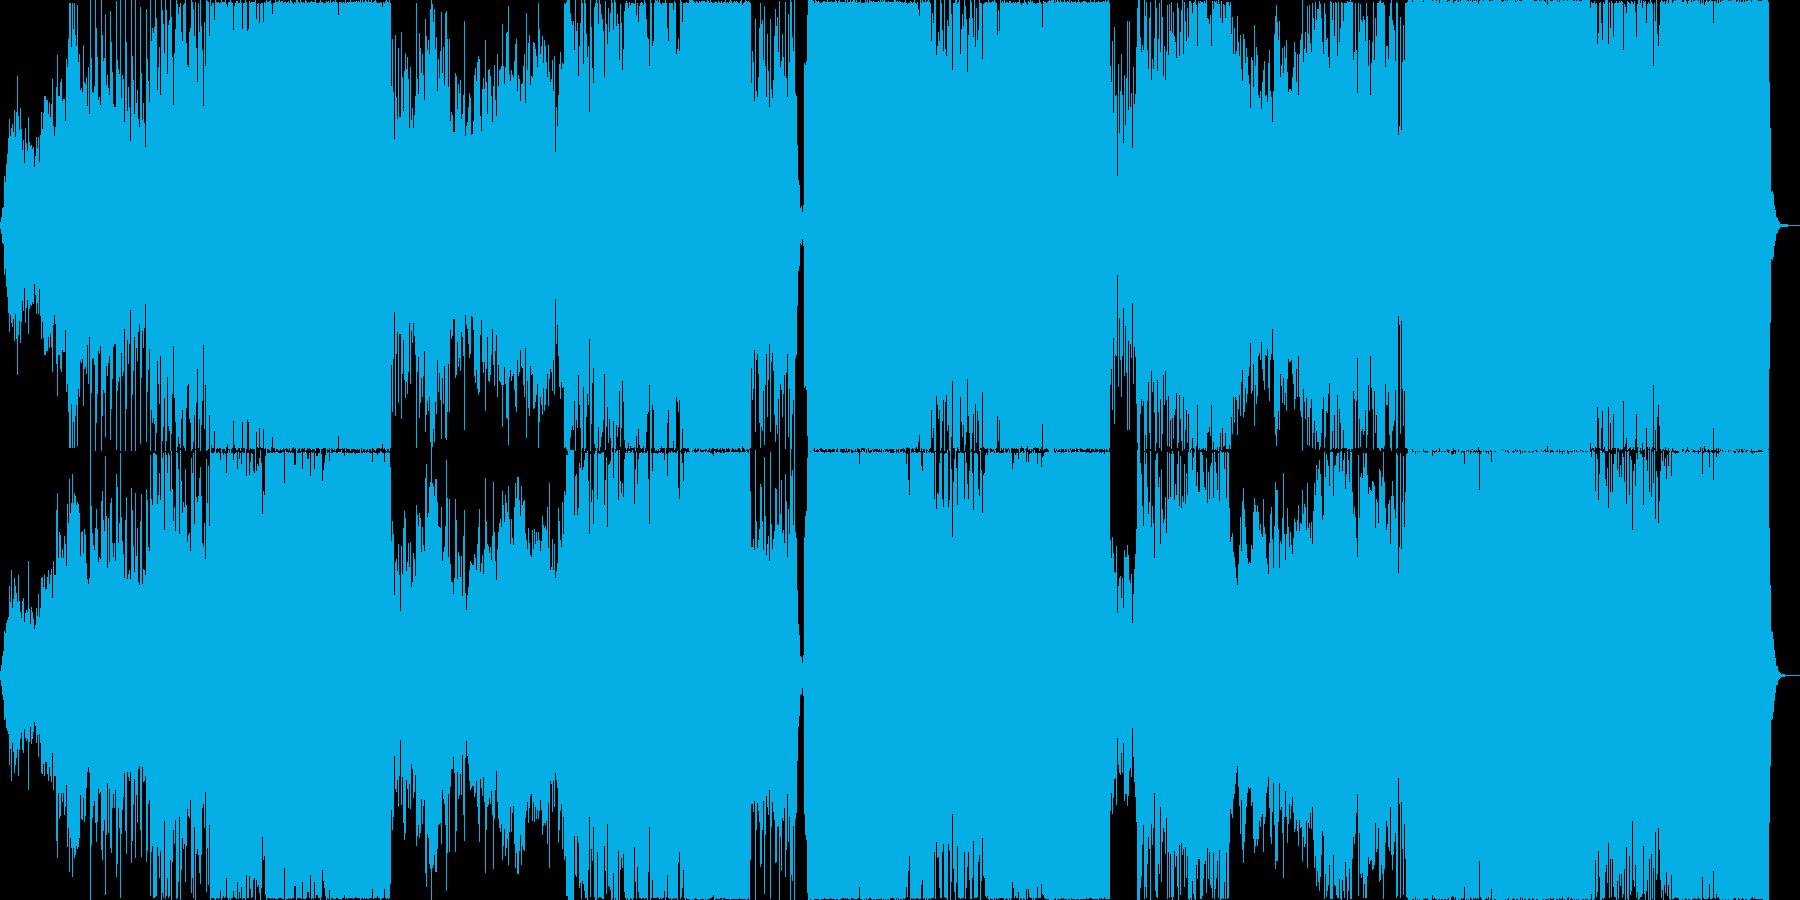 緊迫感と疾走感のあるオーケストラ曲の再生済みの波形